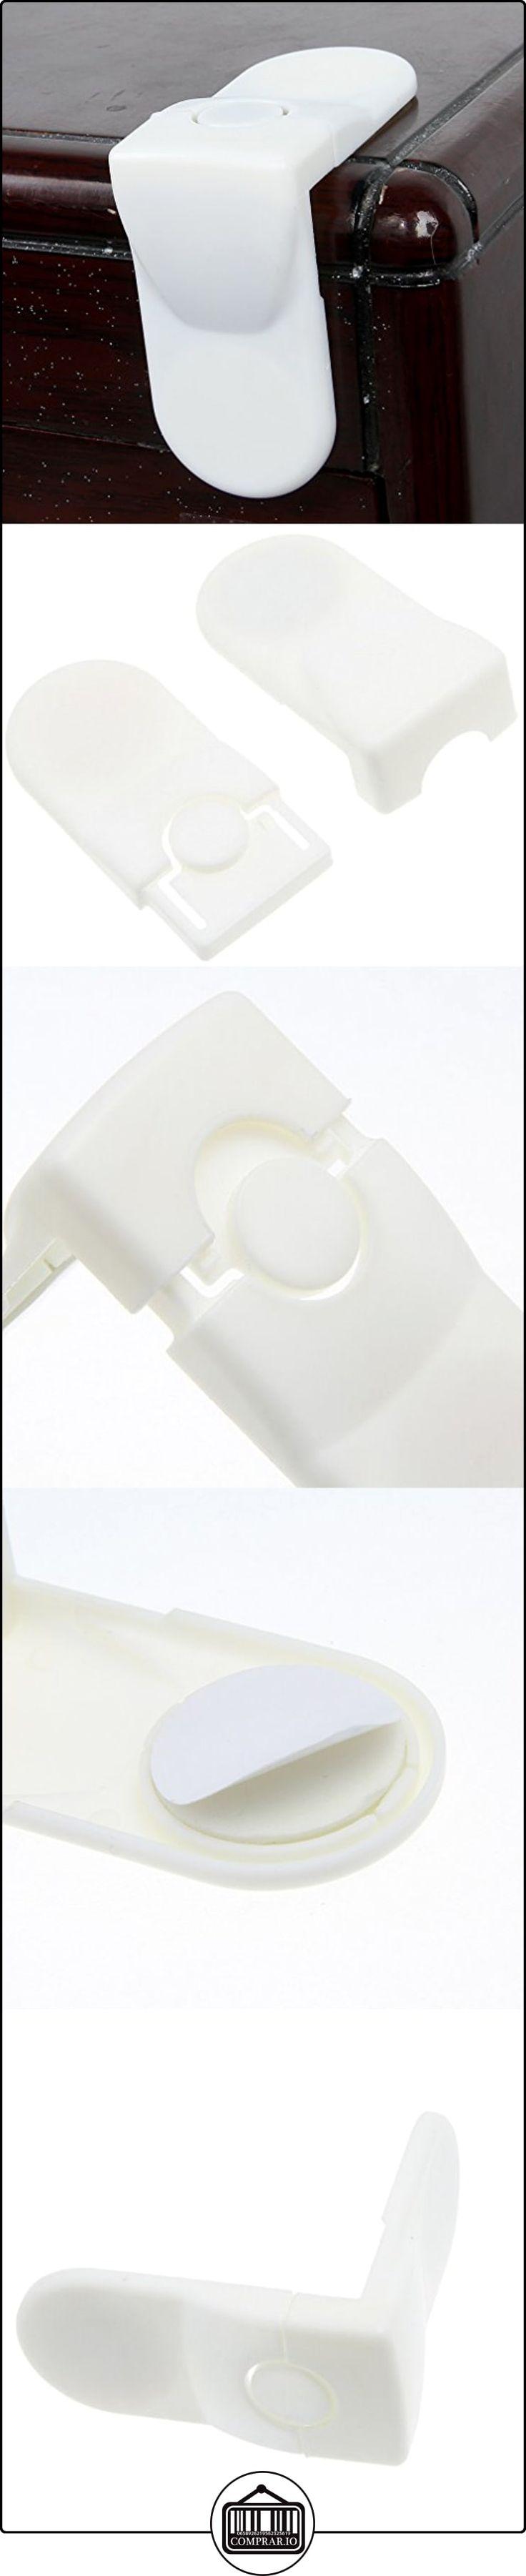 La vogue Blanco 10Pcs Cierres De Seguridad Esquina Para Armarios 85*80*40mm  ✿ Seguridad para tu bebé - (Protege a tus hijos) ✿ ▬► Ver oferta: http://comprar.io/goto/B00WVVM2G6